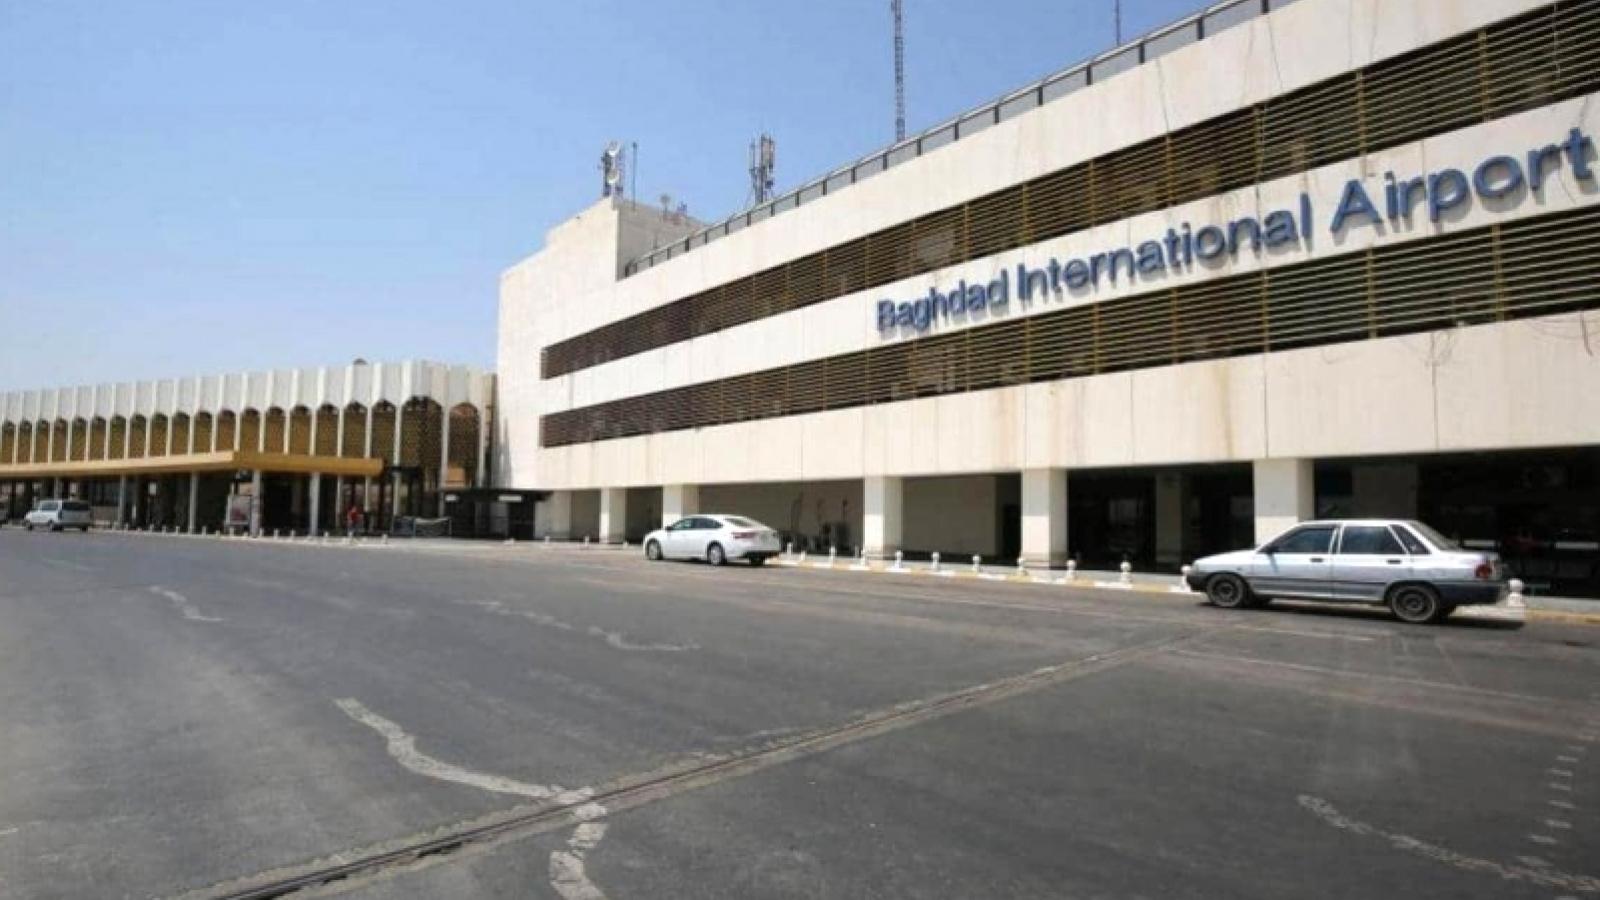 Iraq mở cuộc điều tra vụ bắn tên lửa vào sân bay quốc tế Baghdad